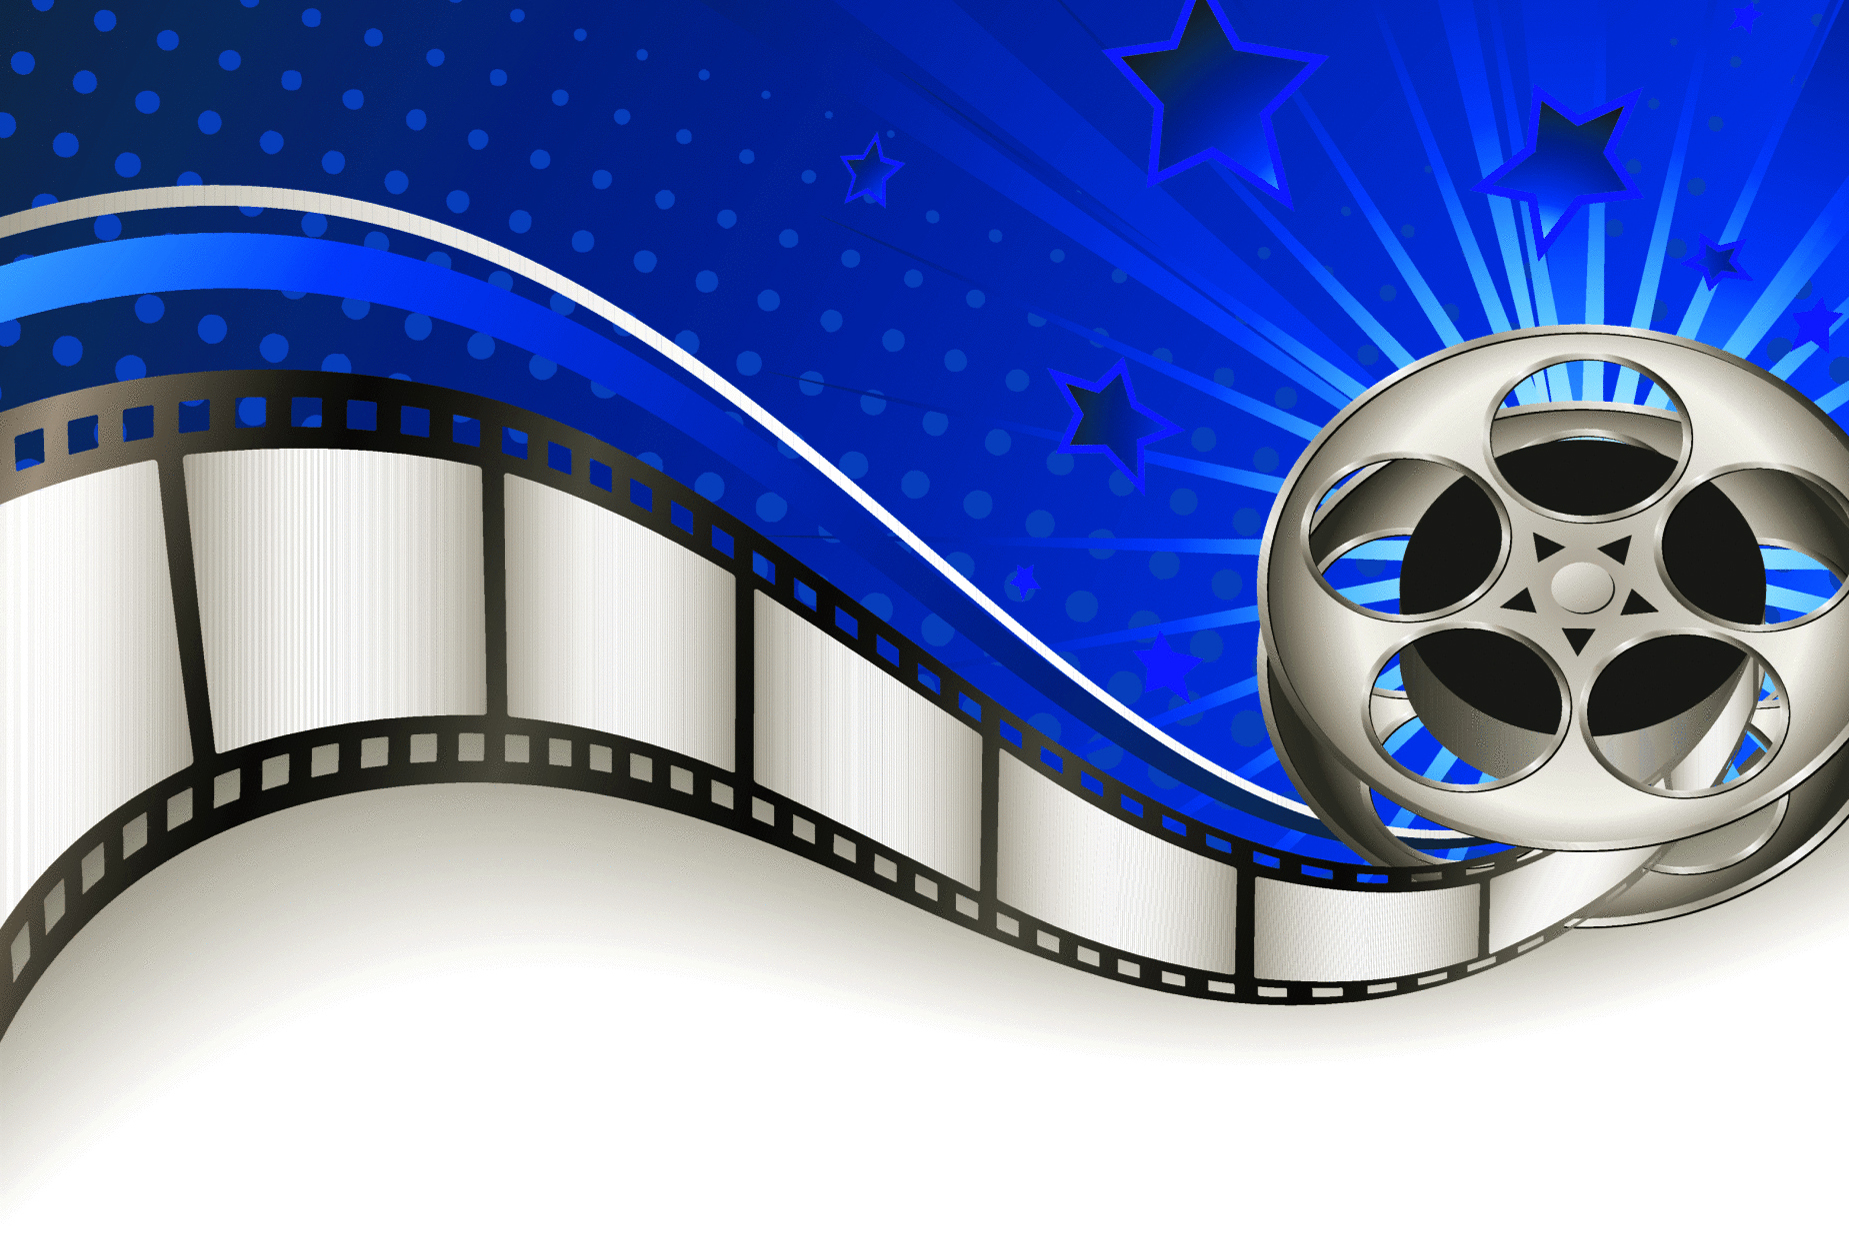 Movie background designs